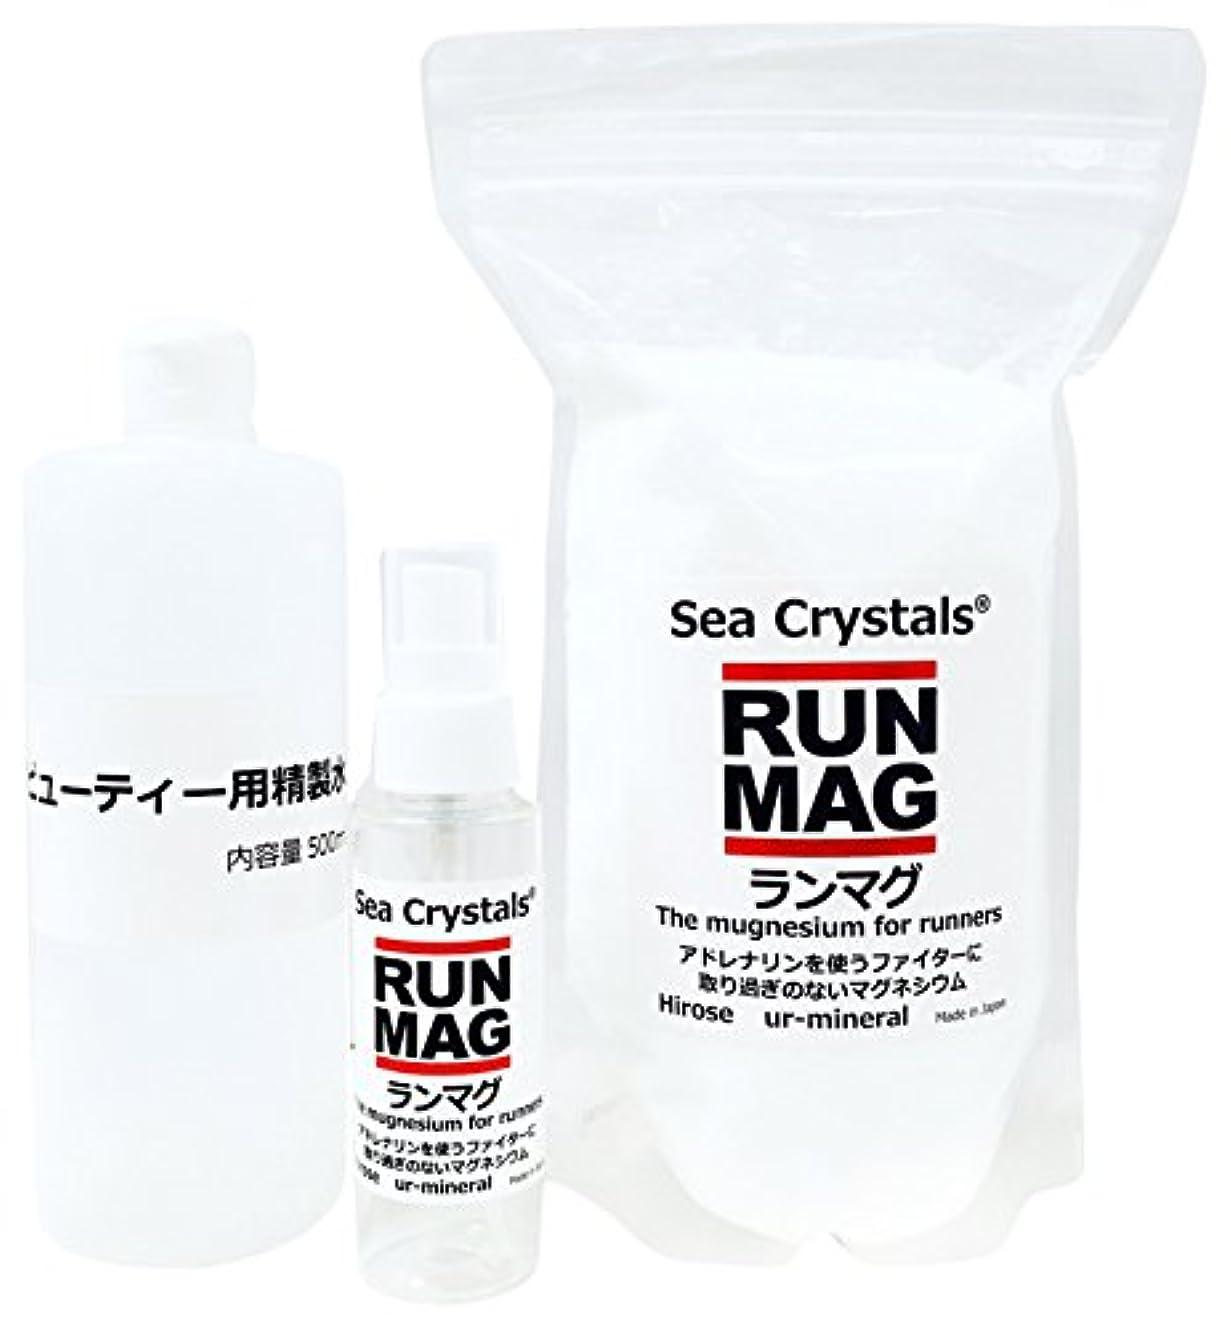 毎月わずかな配管ランマグ?マグネシウムオイル 500g 化粧品登録 日本製 1日マグネシウム360mg使用  精製水付き